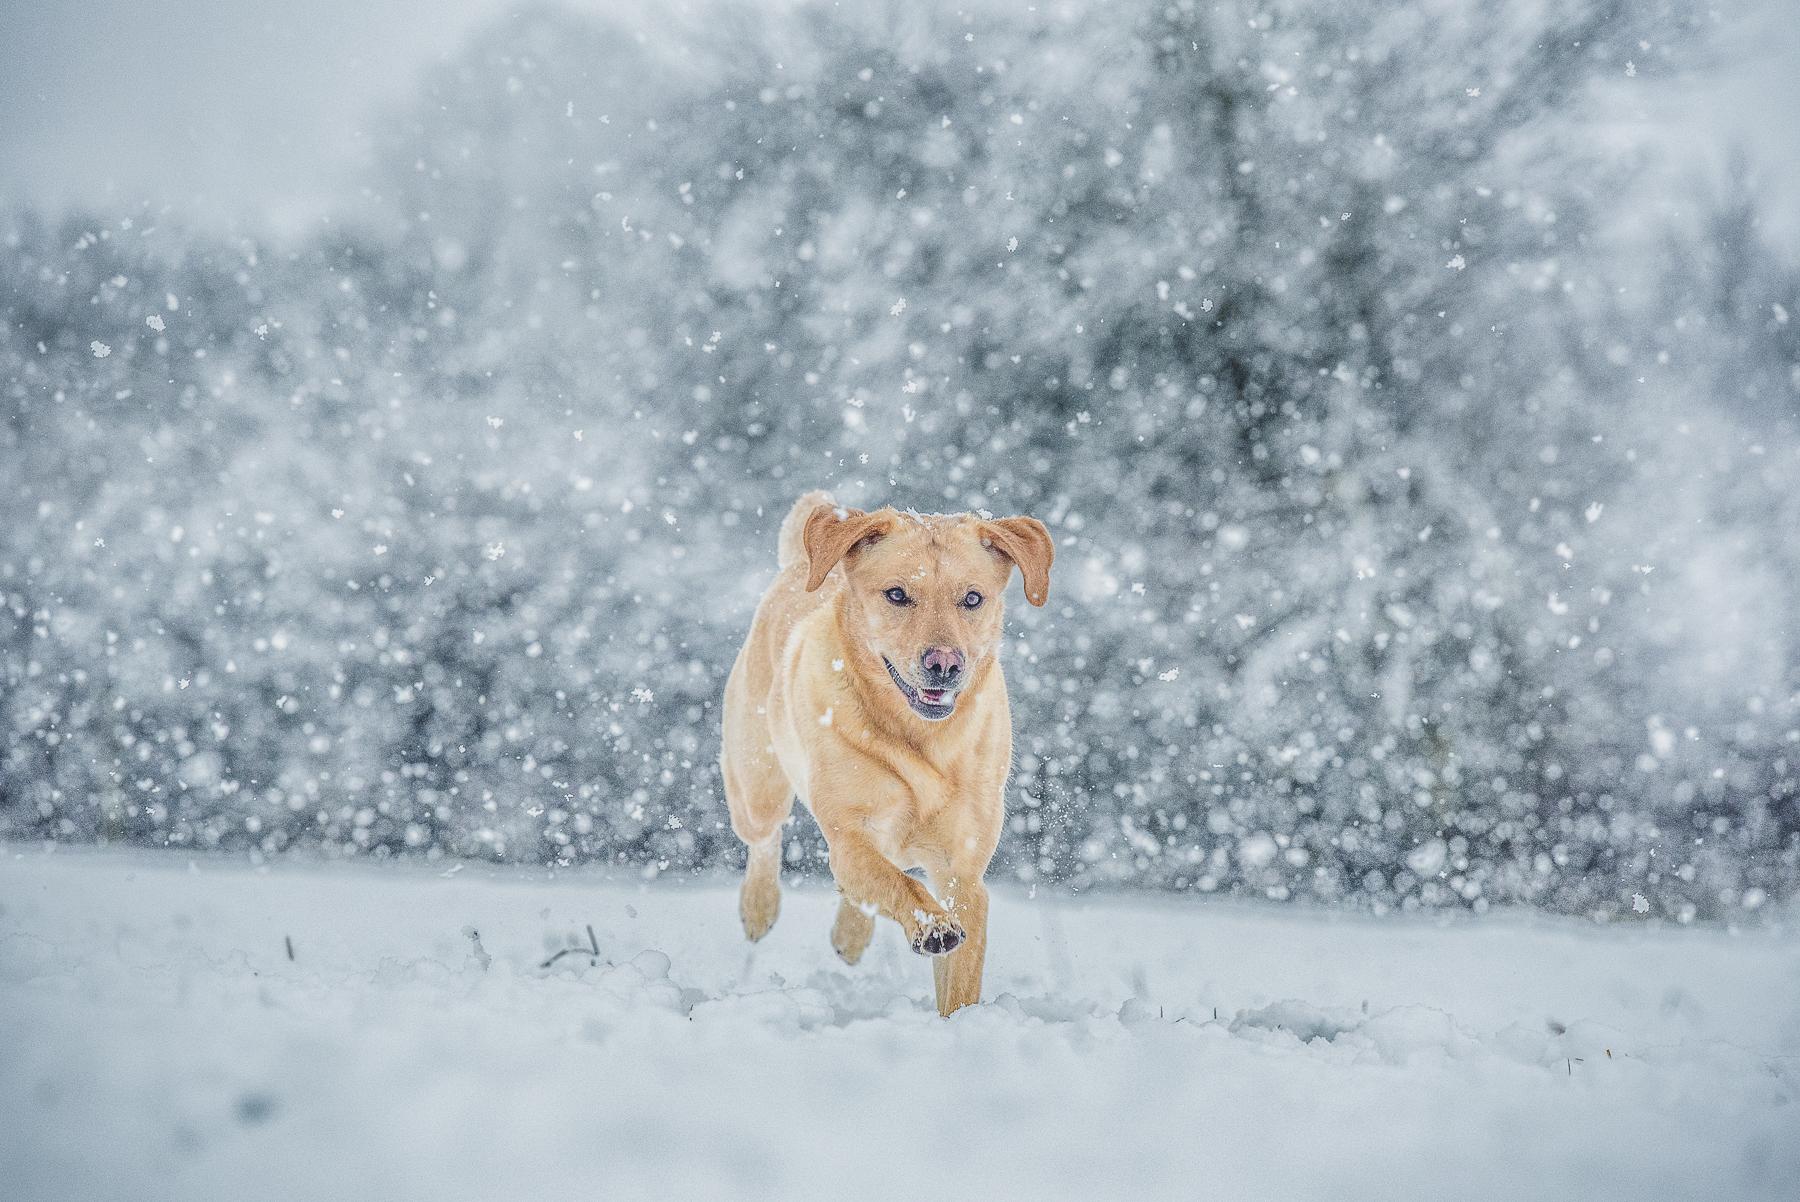 Labrador running through the snow